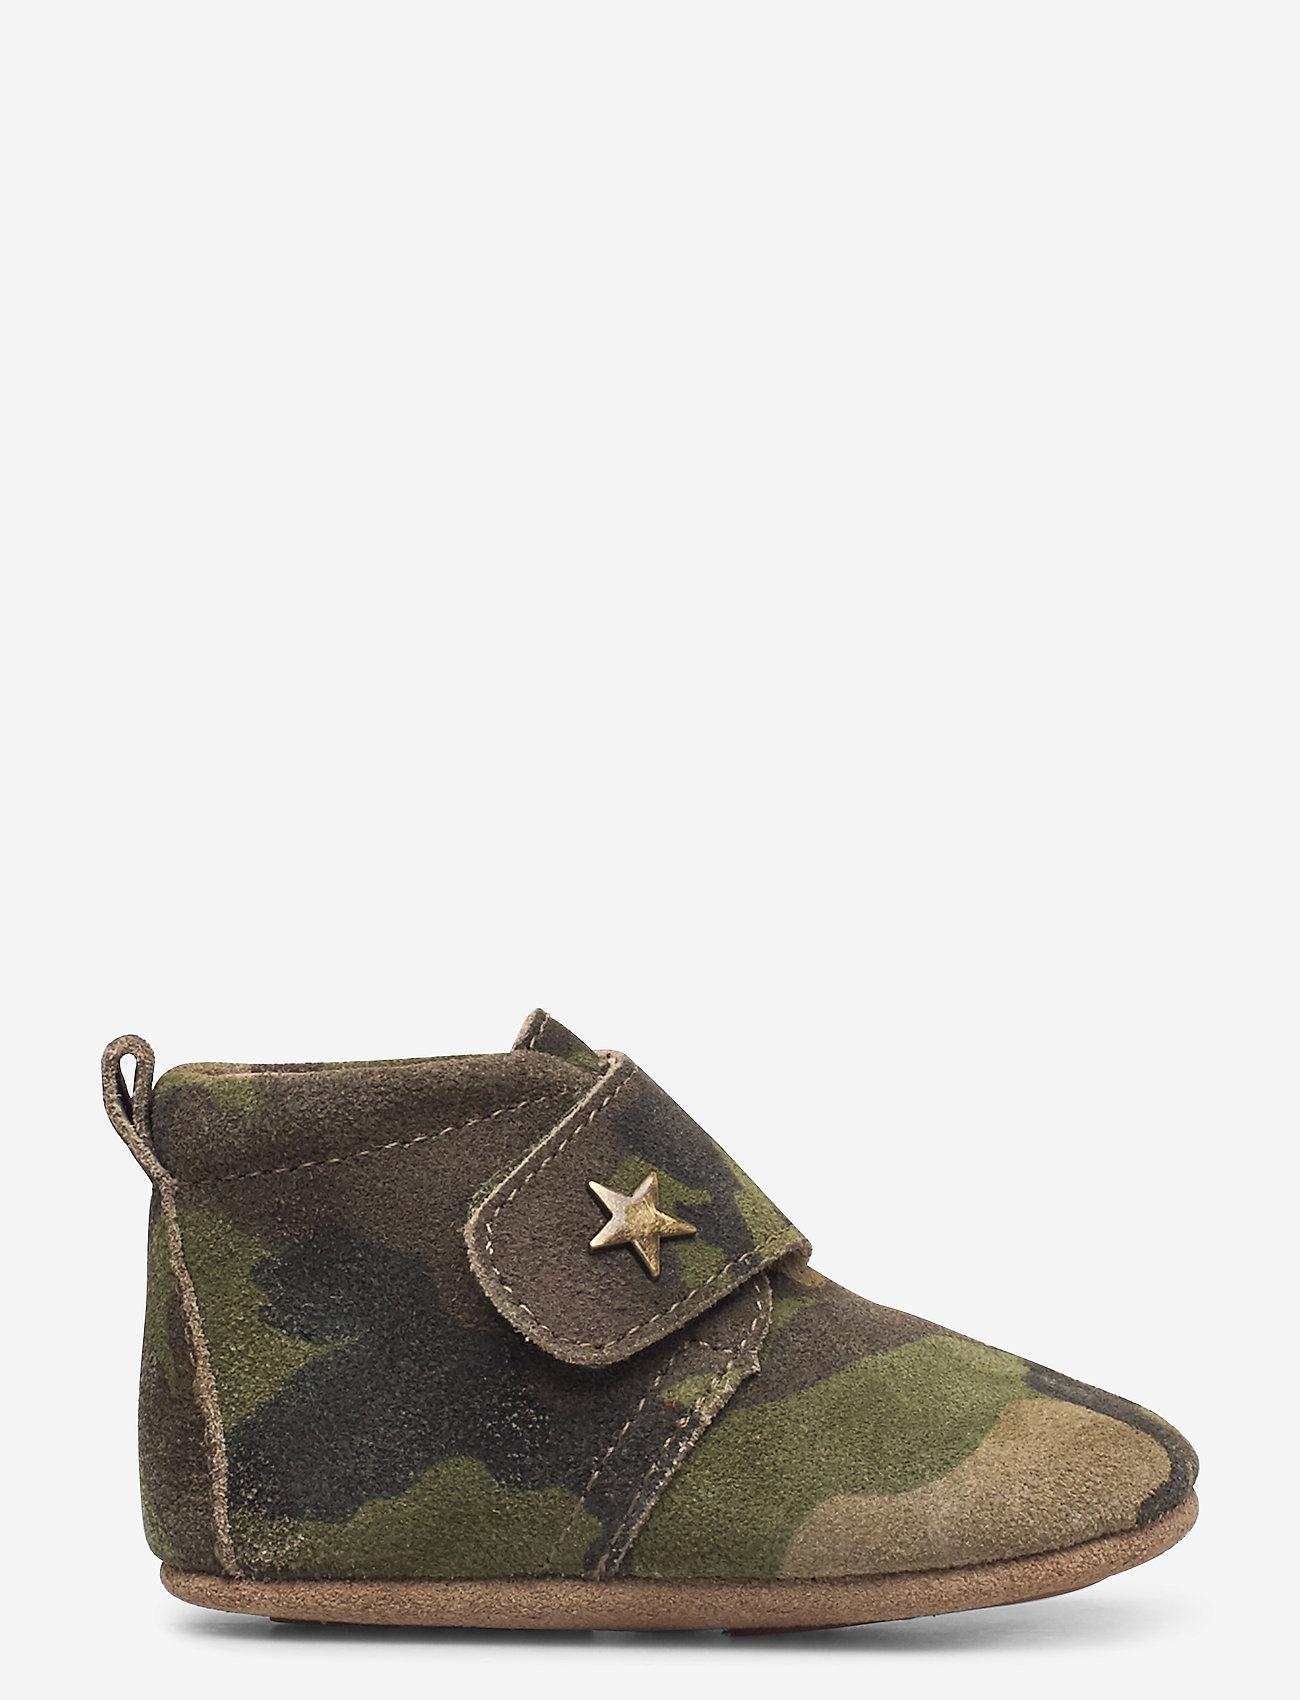 Bisgaard - HJEMMESKO - velcro stjerne - schuhe - army - 1